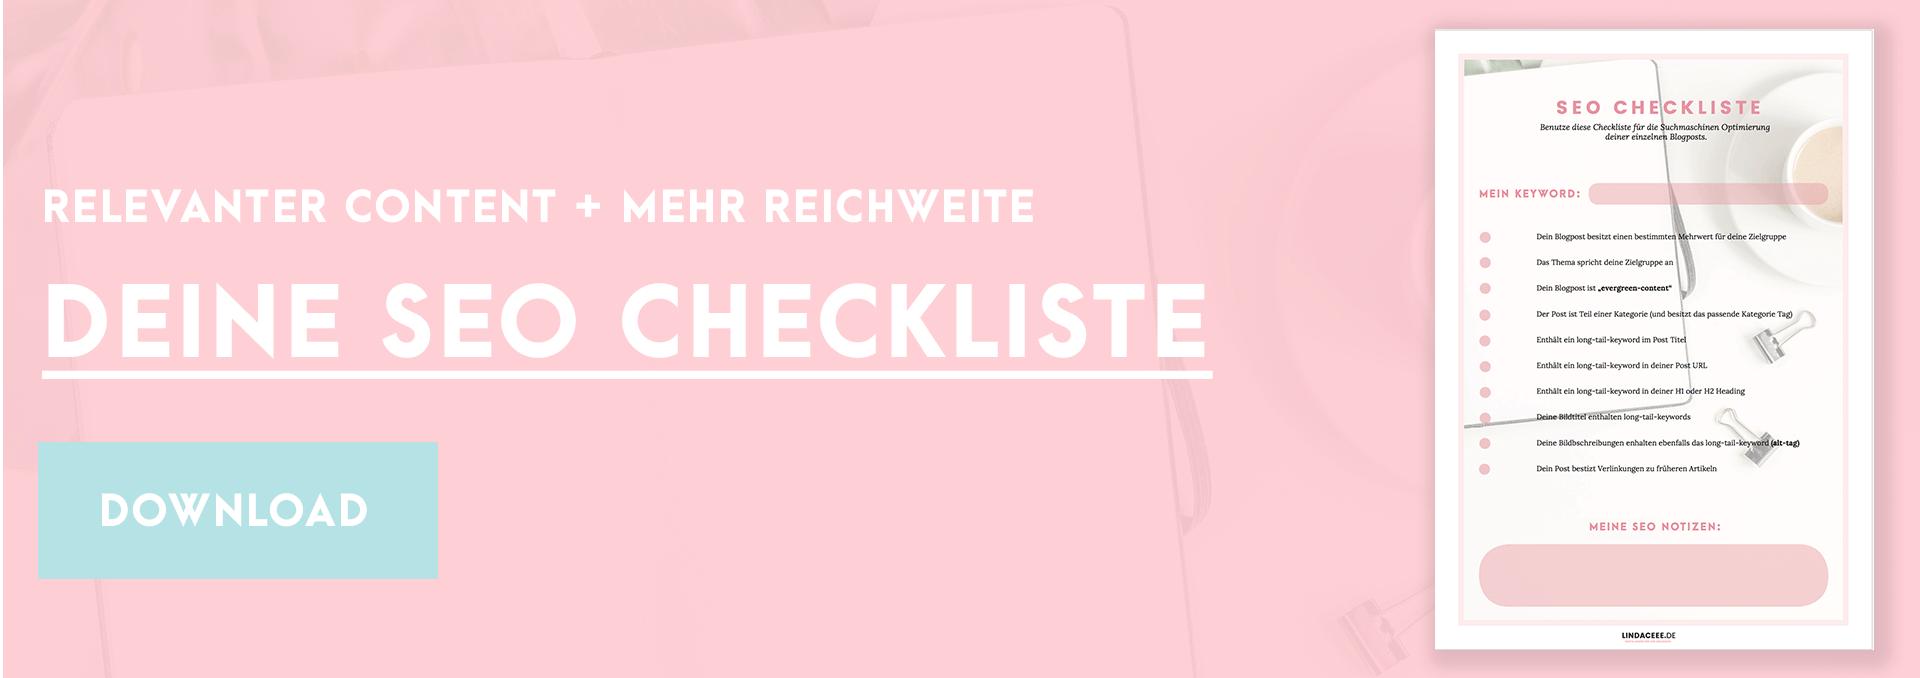 Blog schreiben Checkliste downloaden